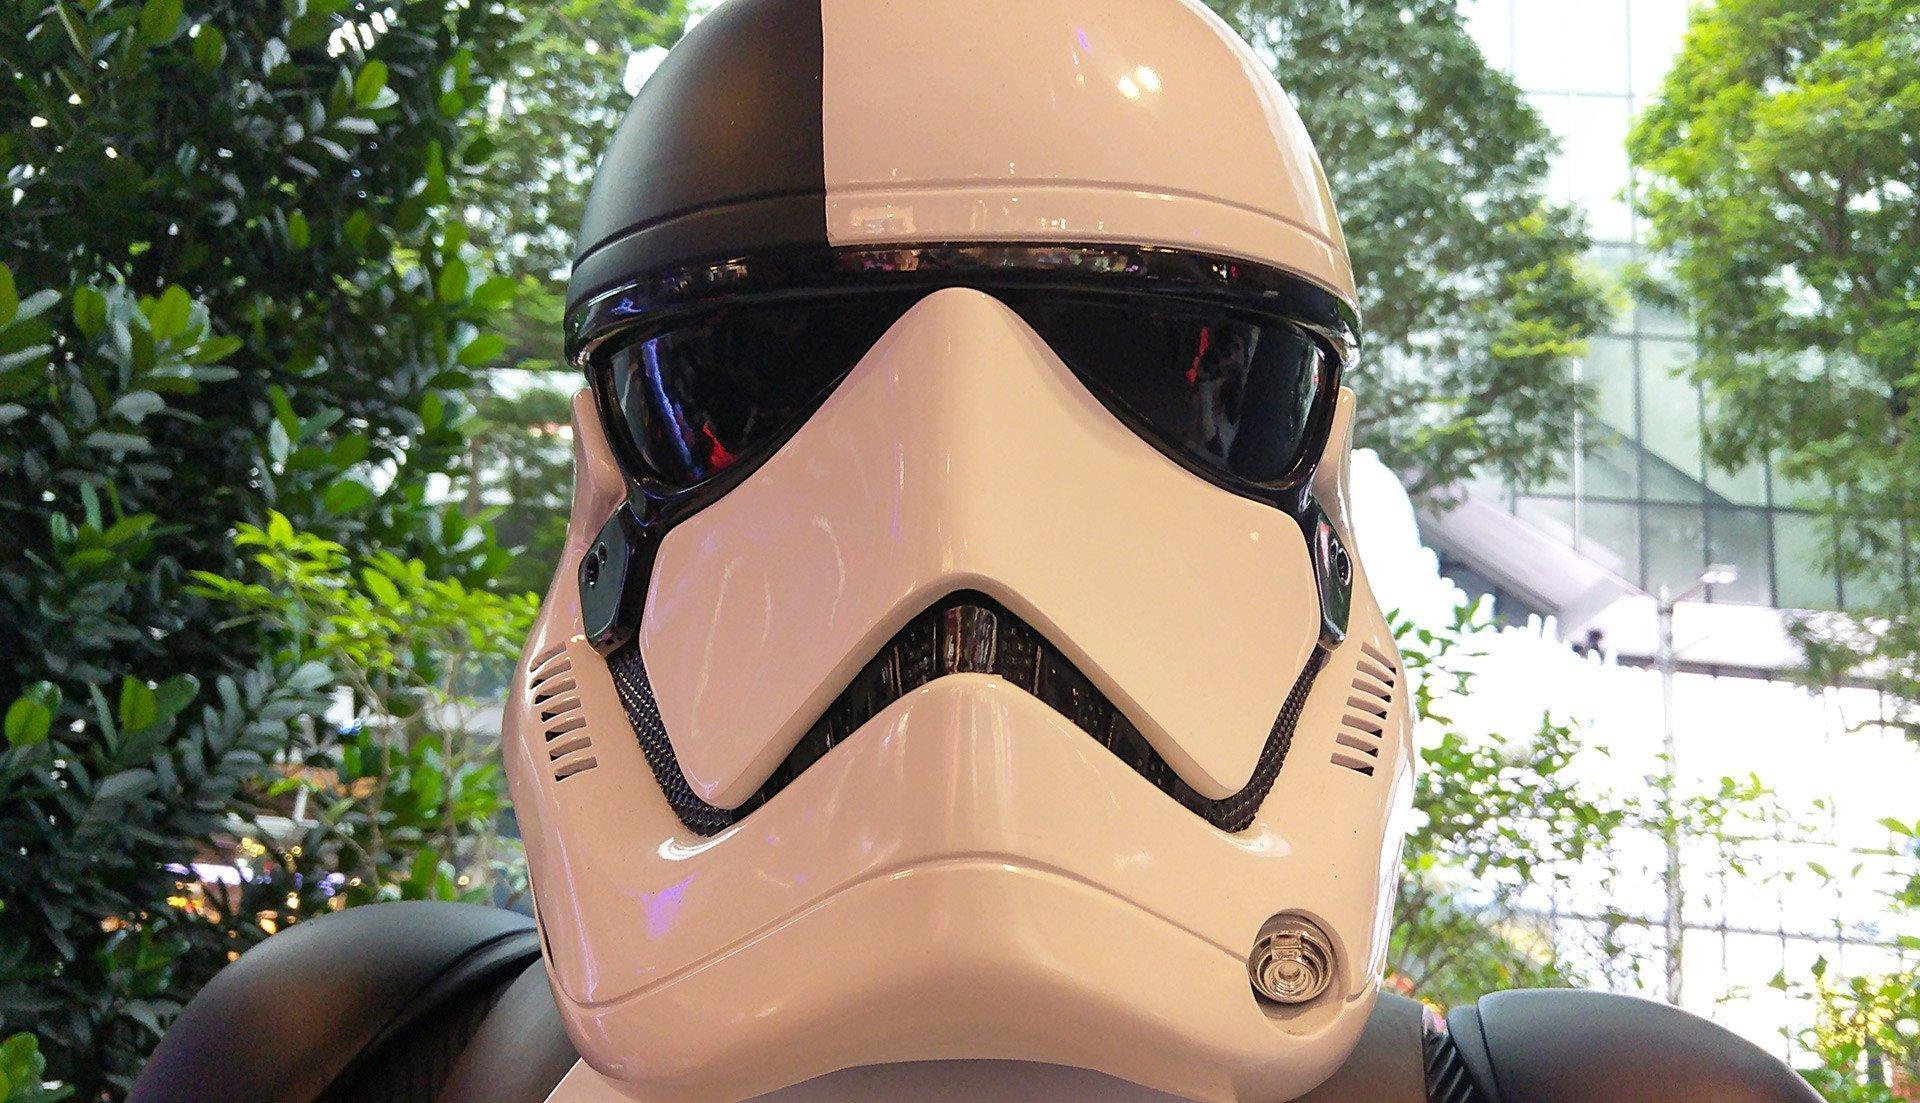 Star Wars Weekend in Singapore